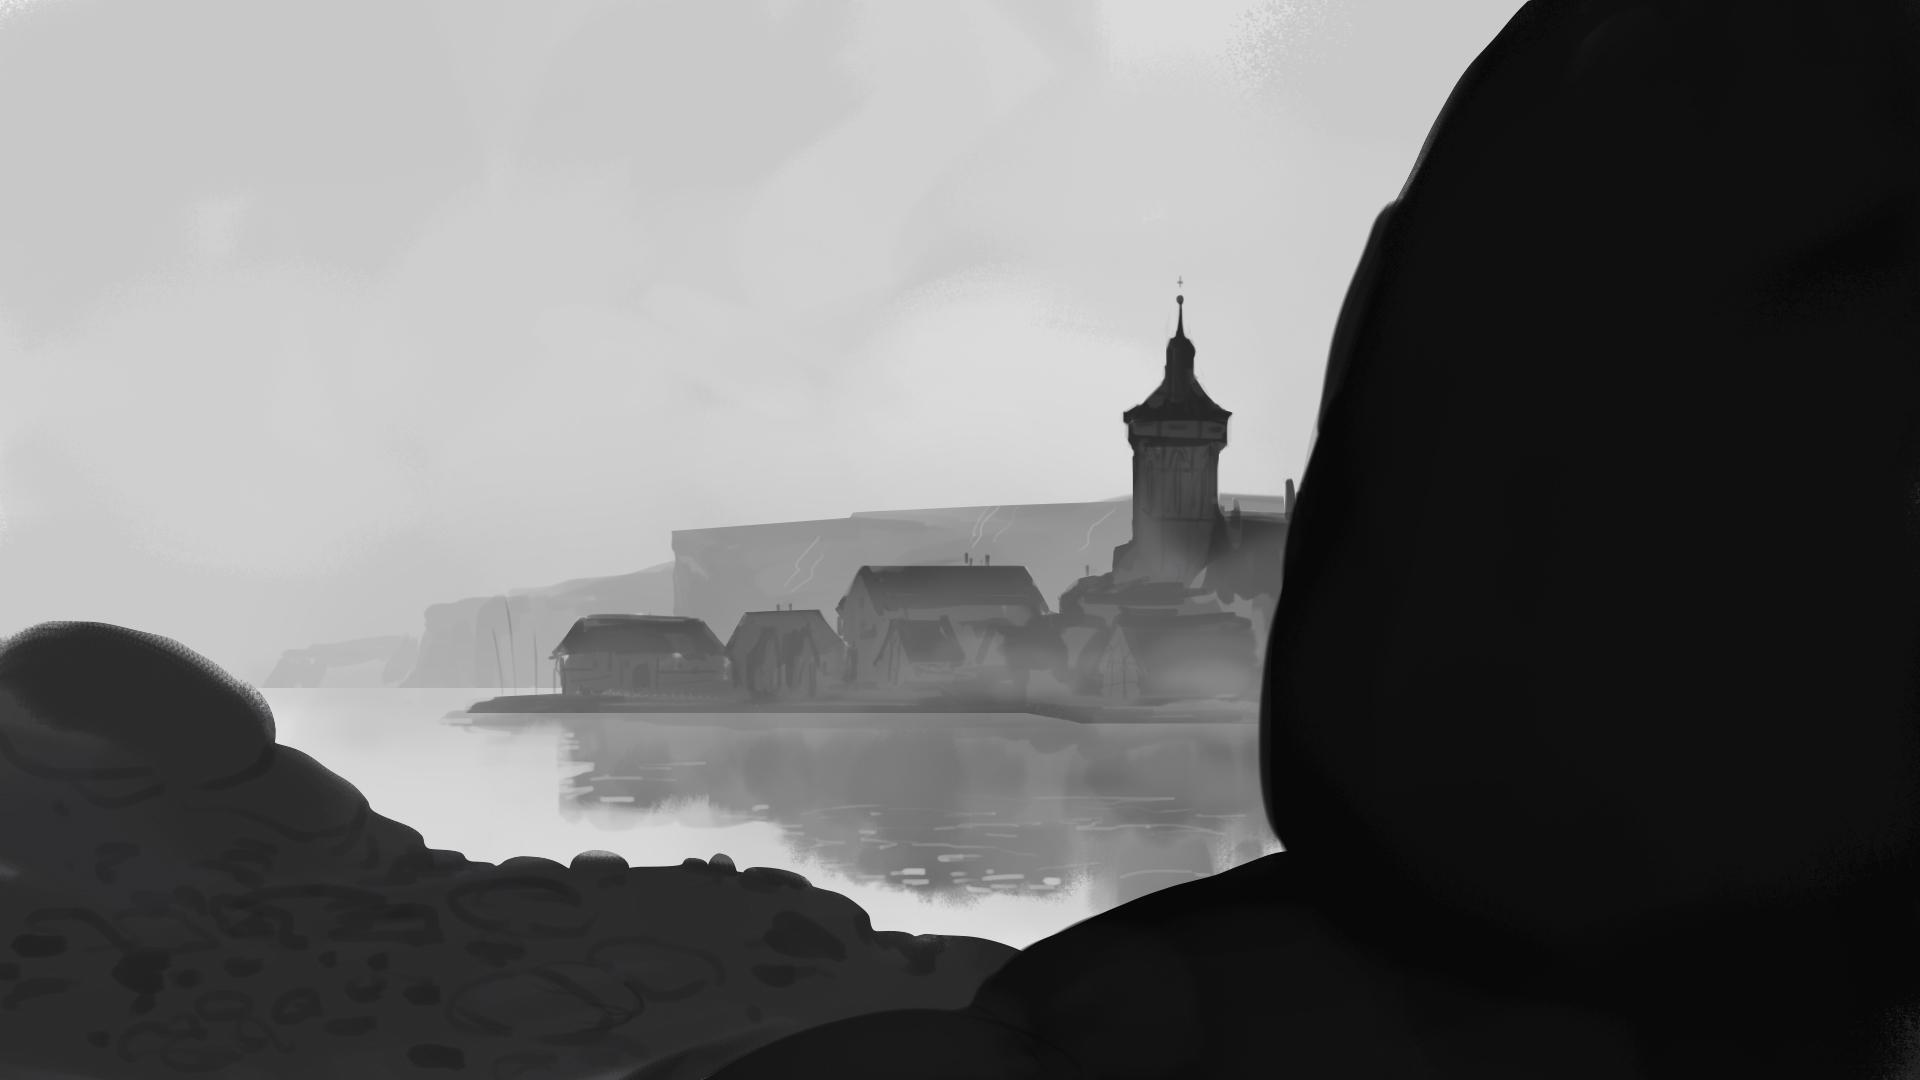 Eine kleine Hafenstadt im Nebel